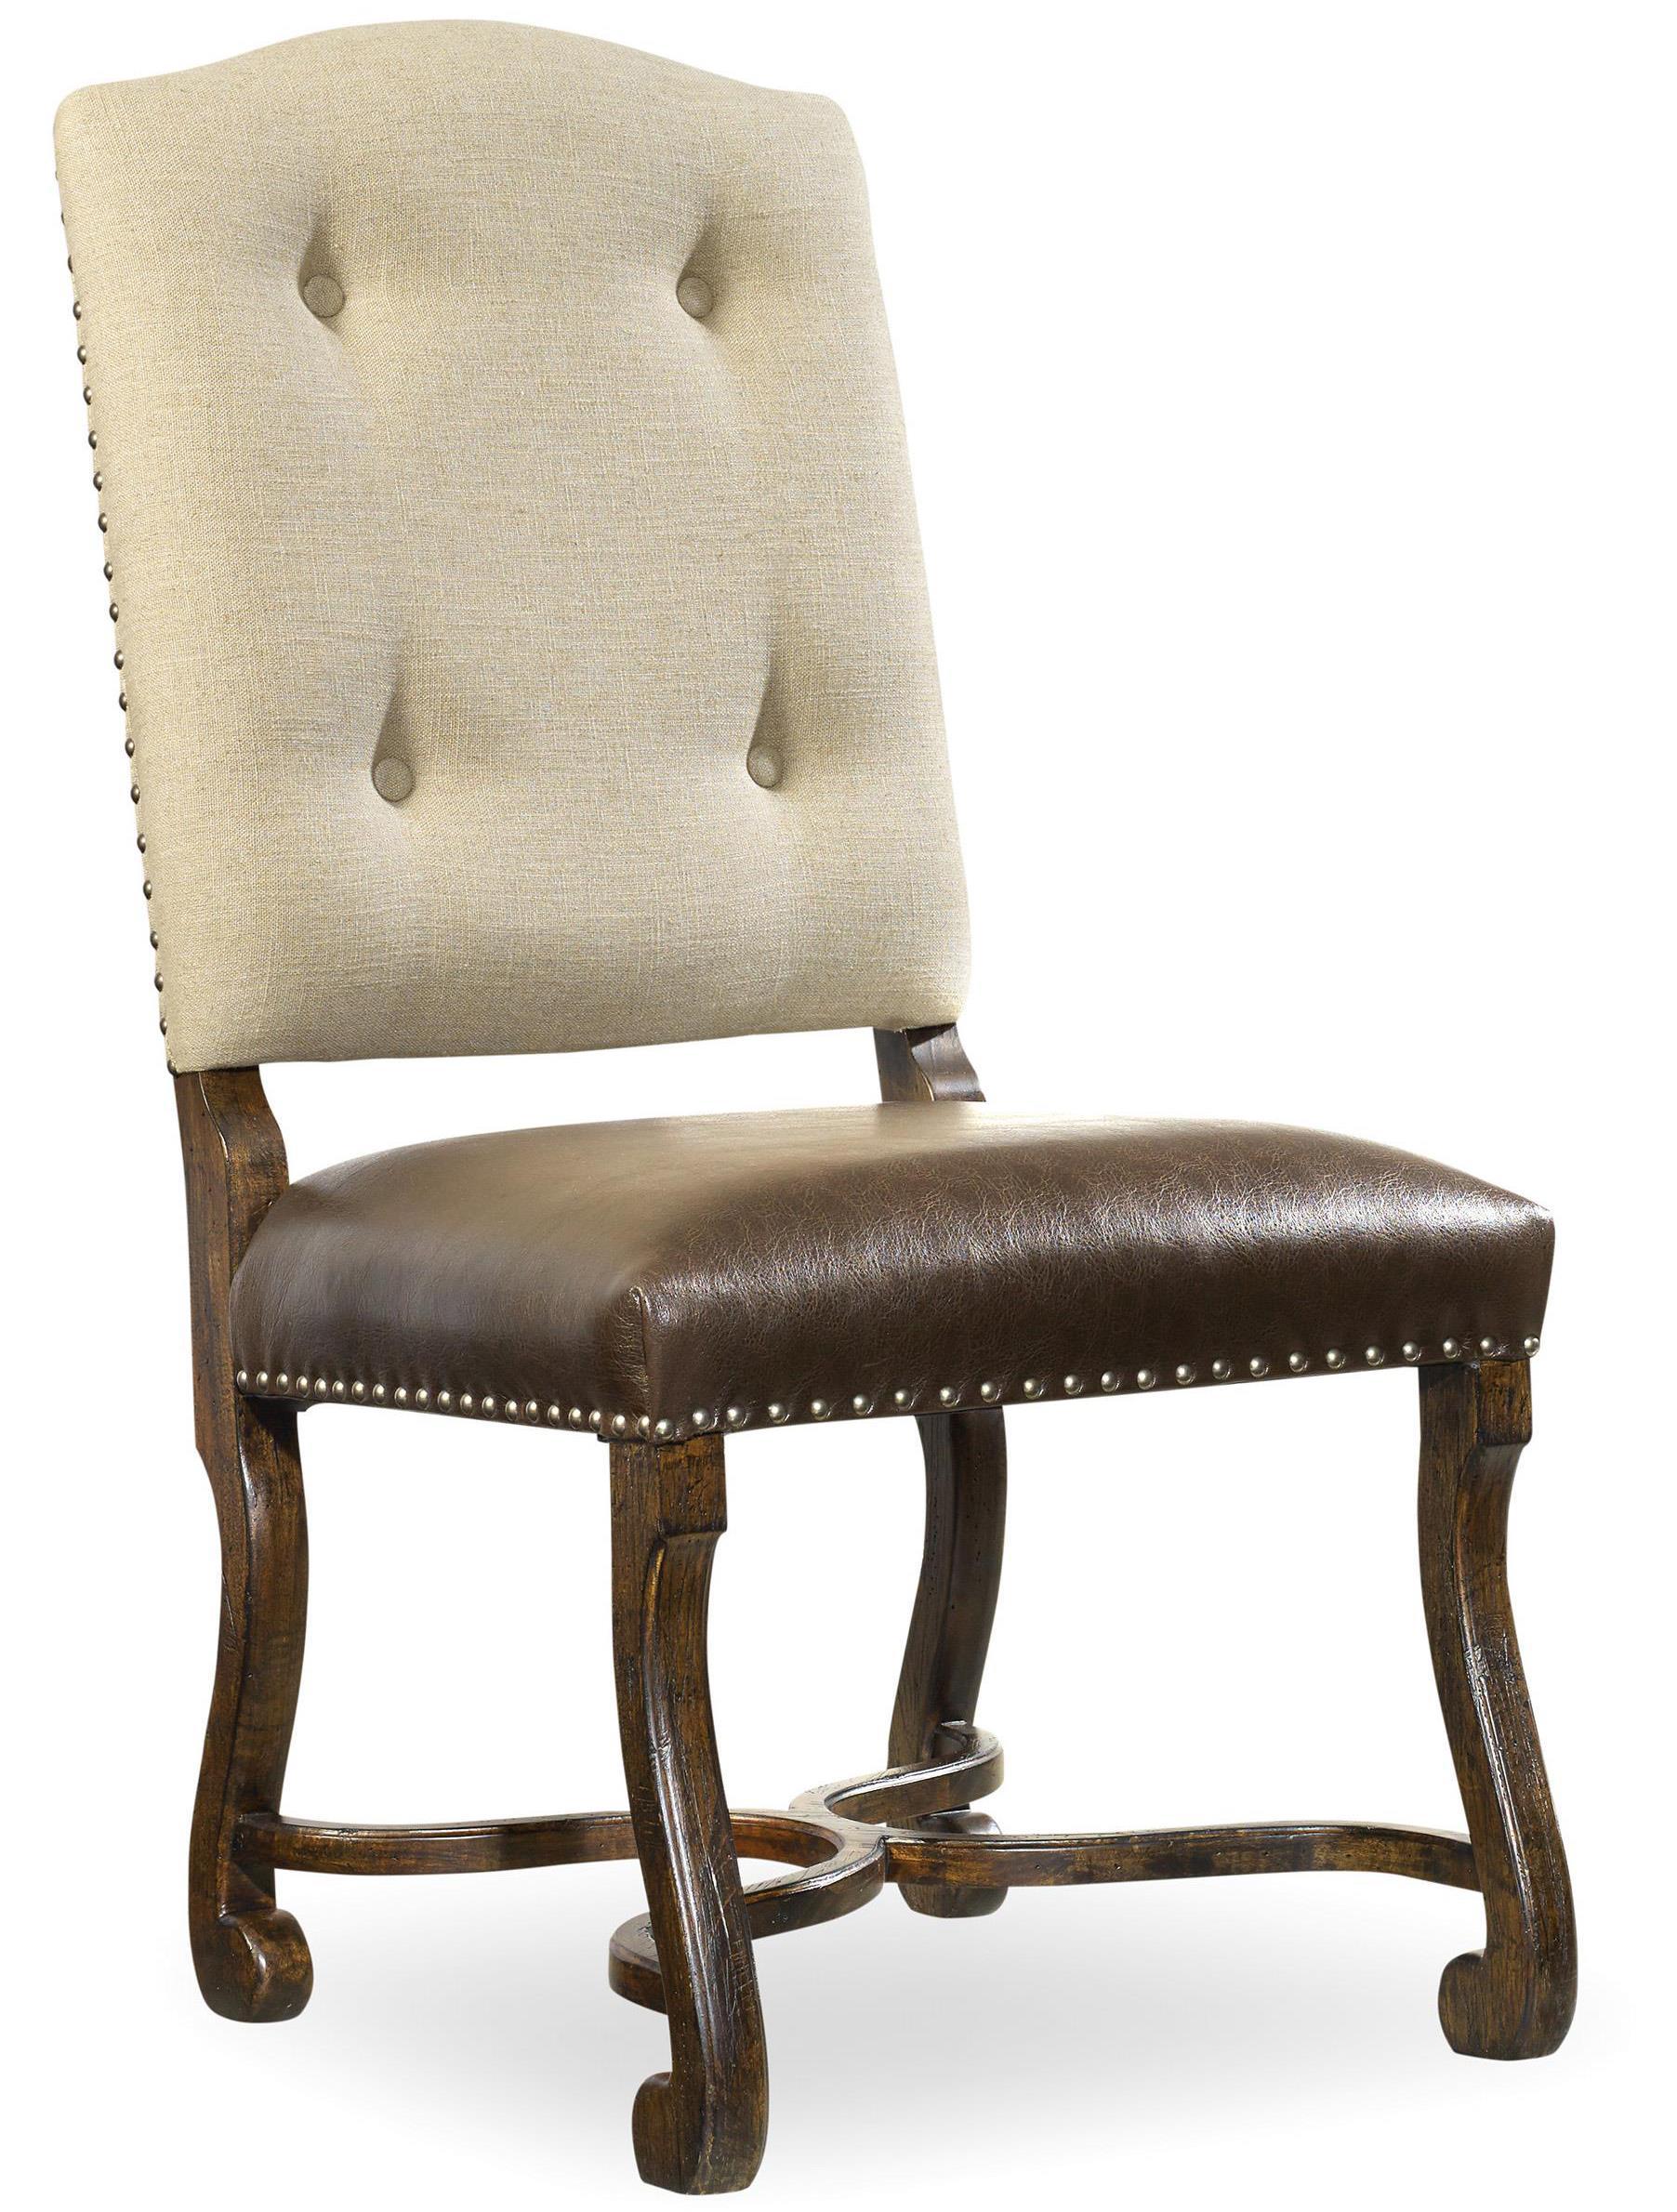 Hooker Furniture Treviso Camelback Side Chair - Item Number: 5474-75510